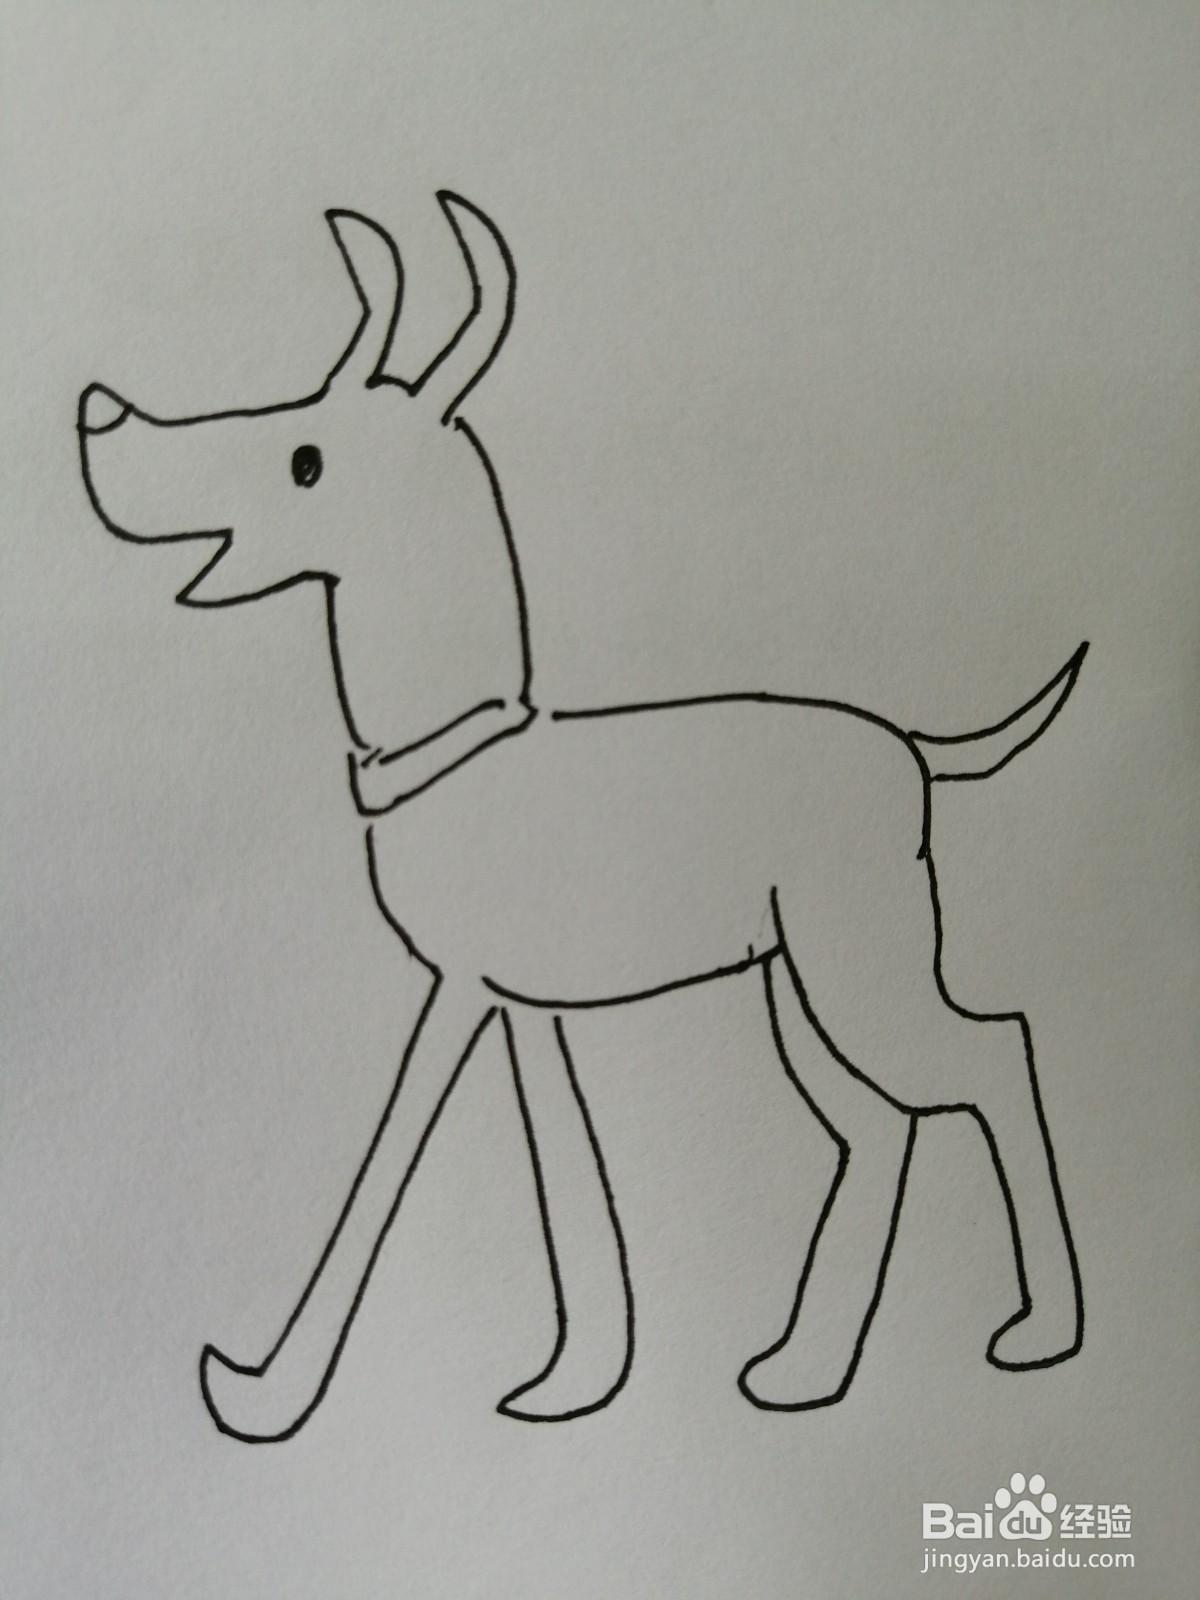 可爱的小狗怎么画